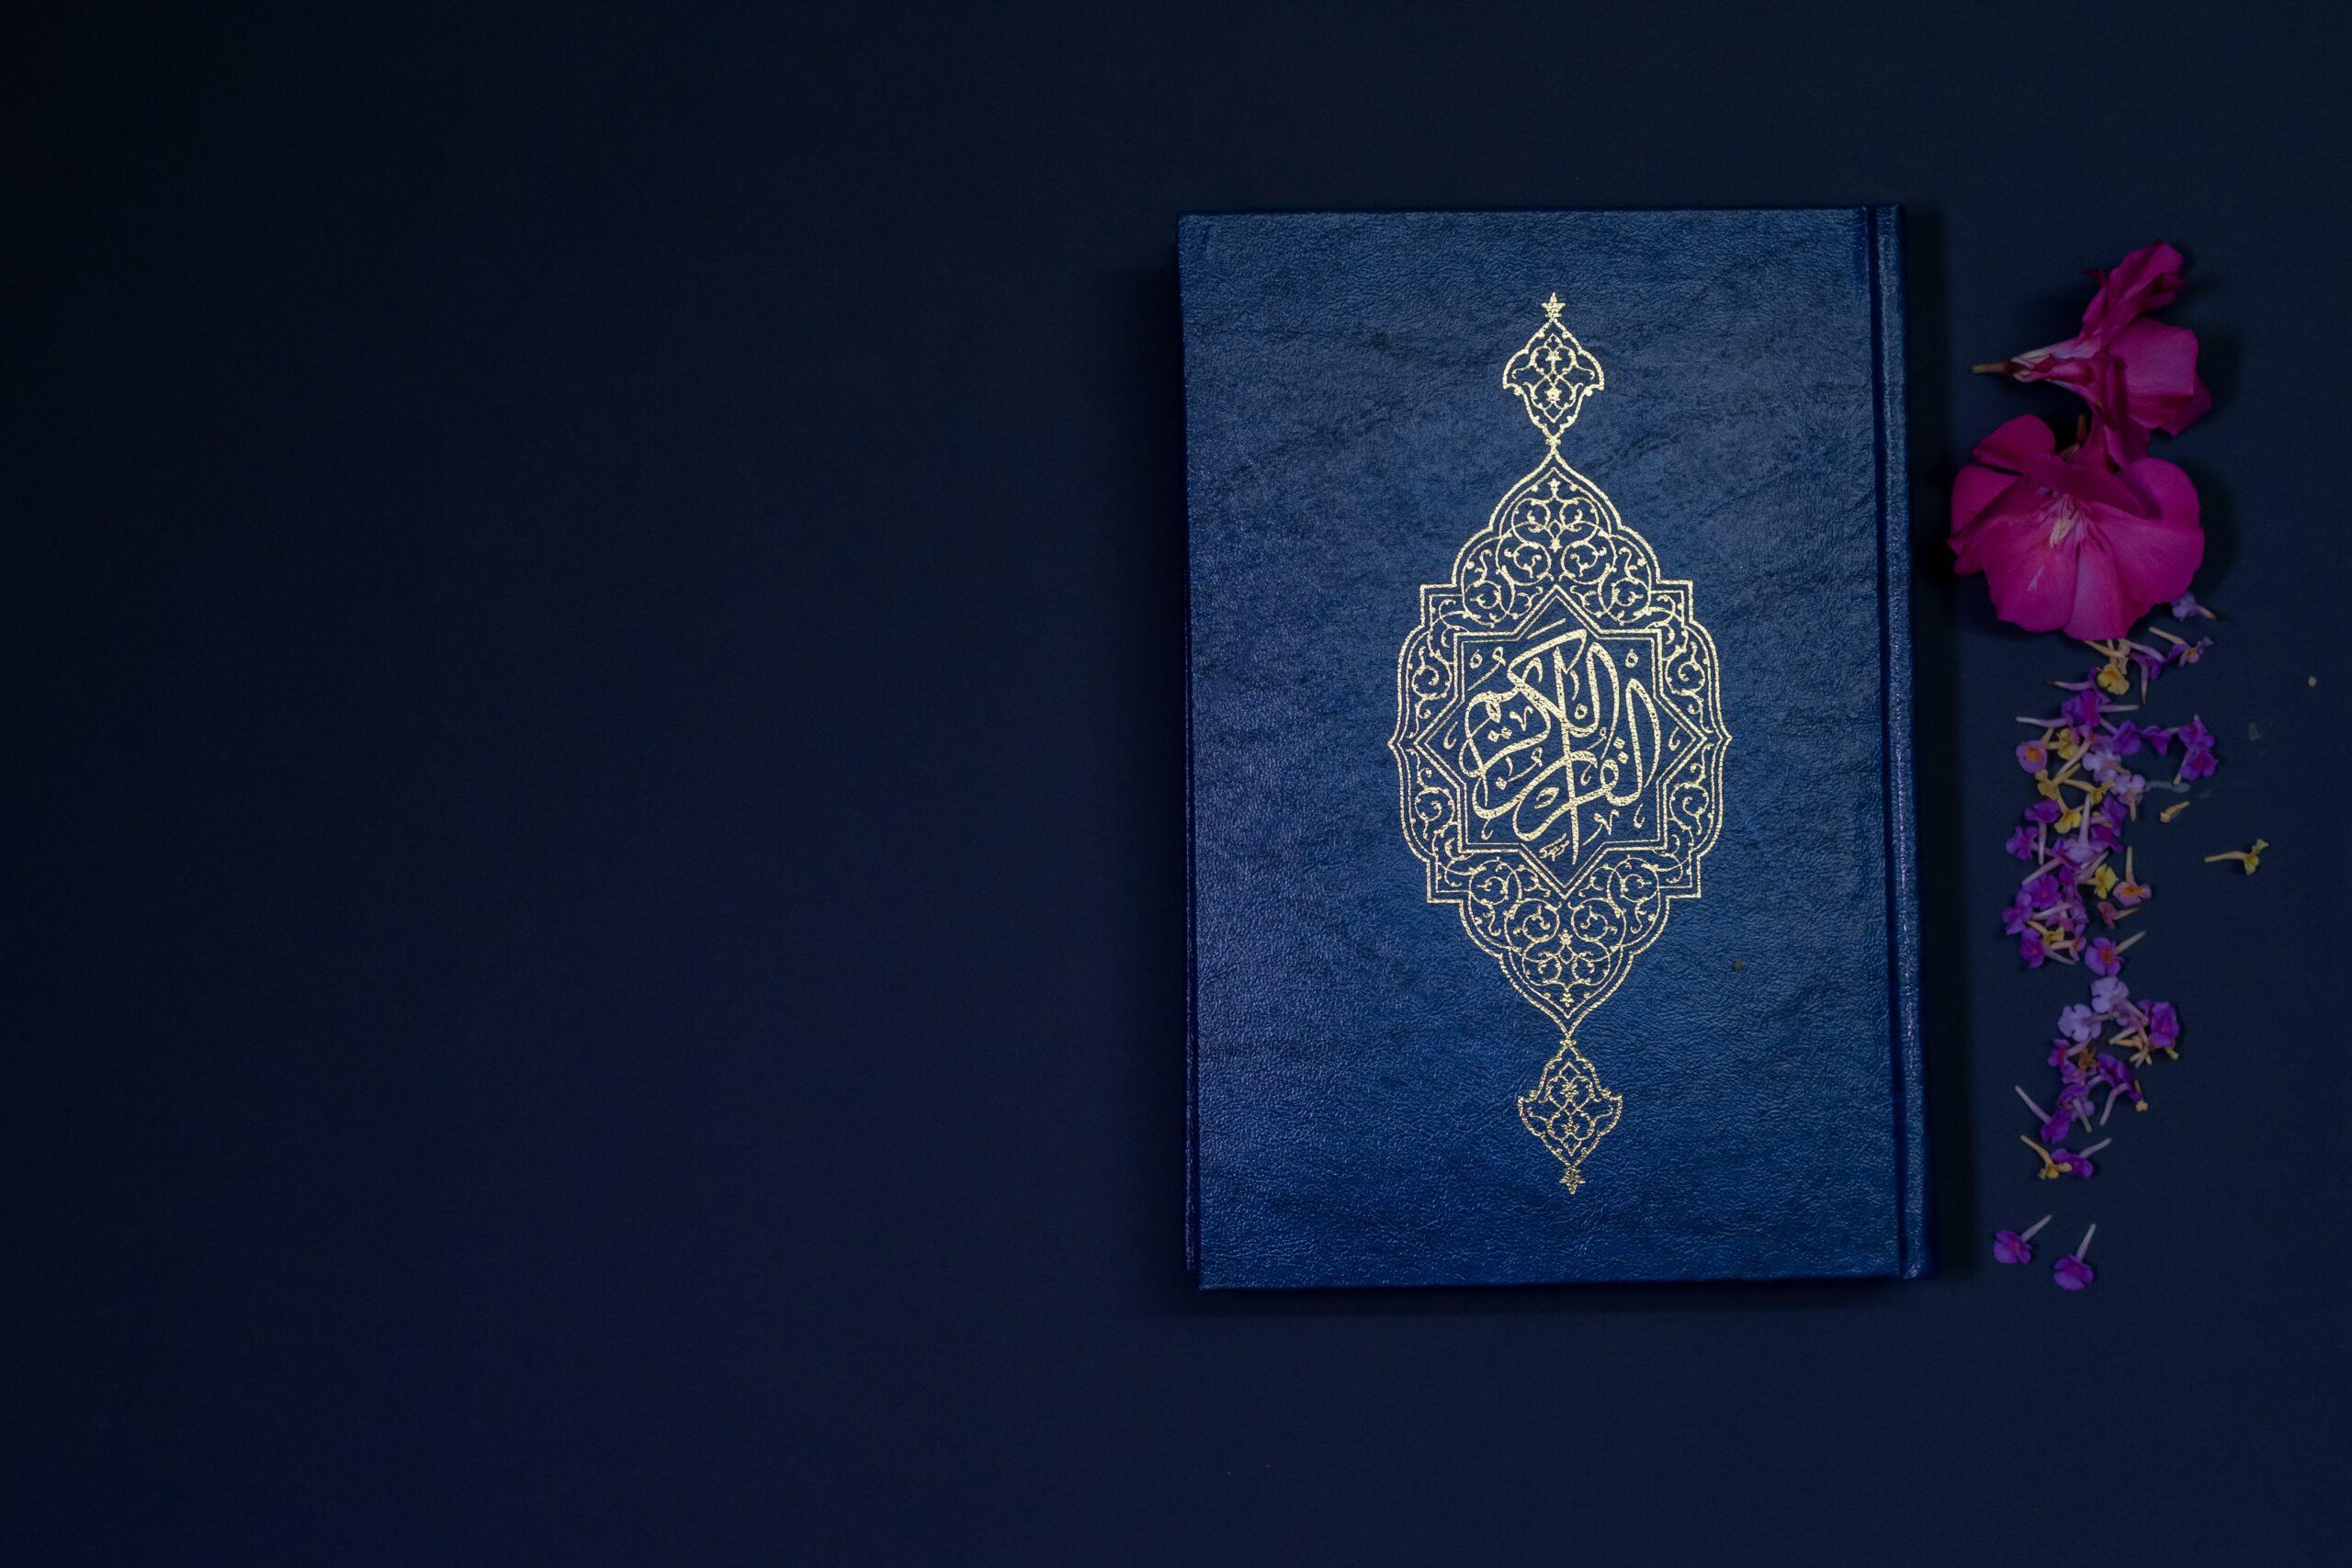 De ziekte die Islam heet – المرض الذي اسمه الاسلام